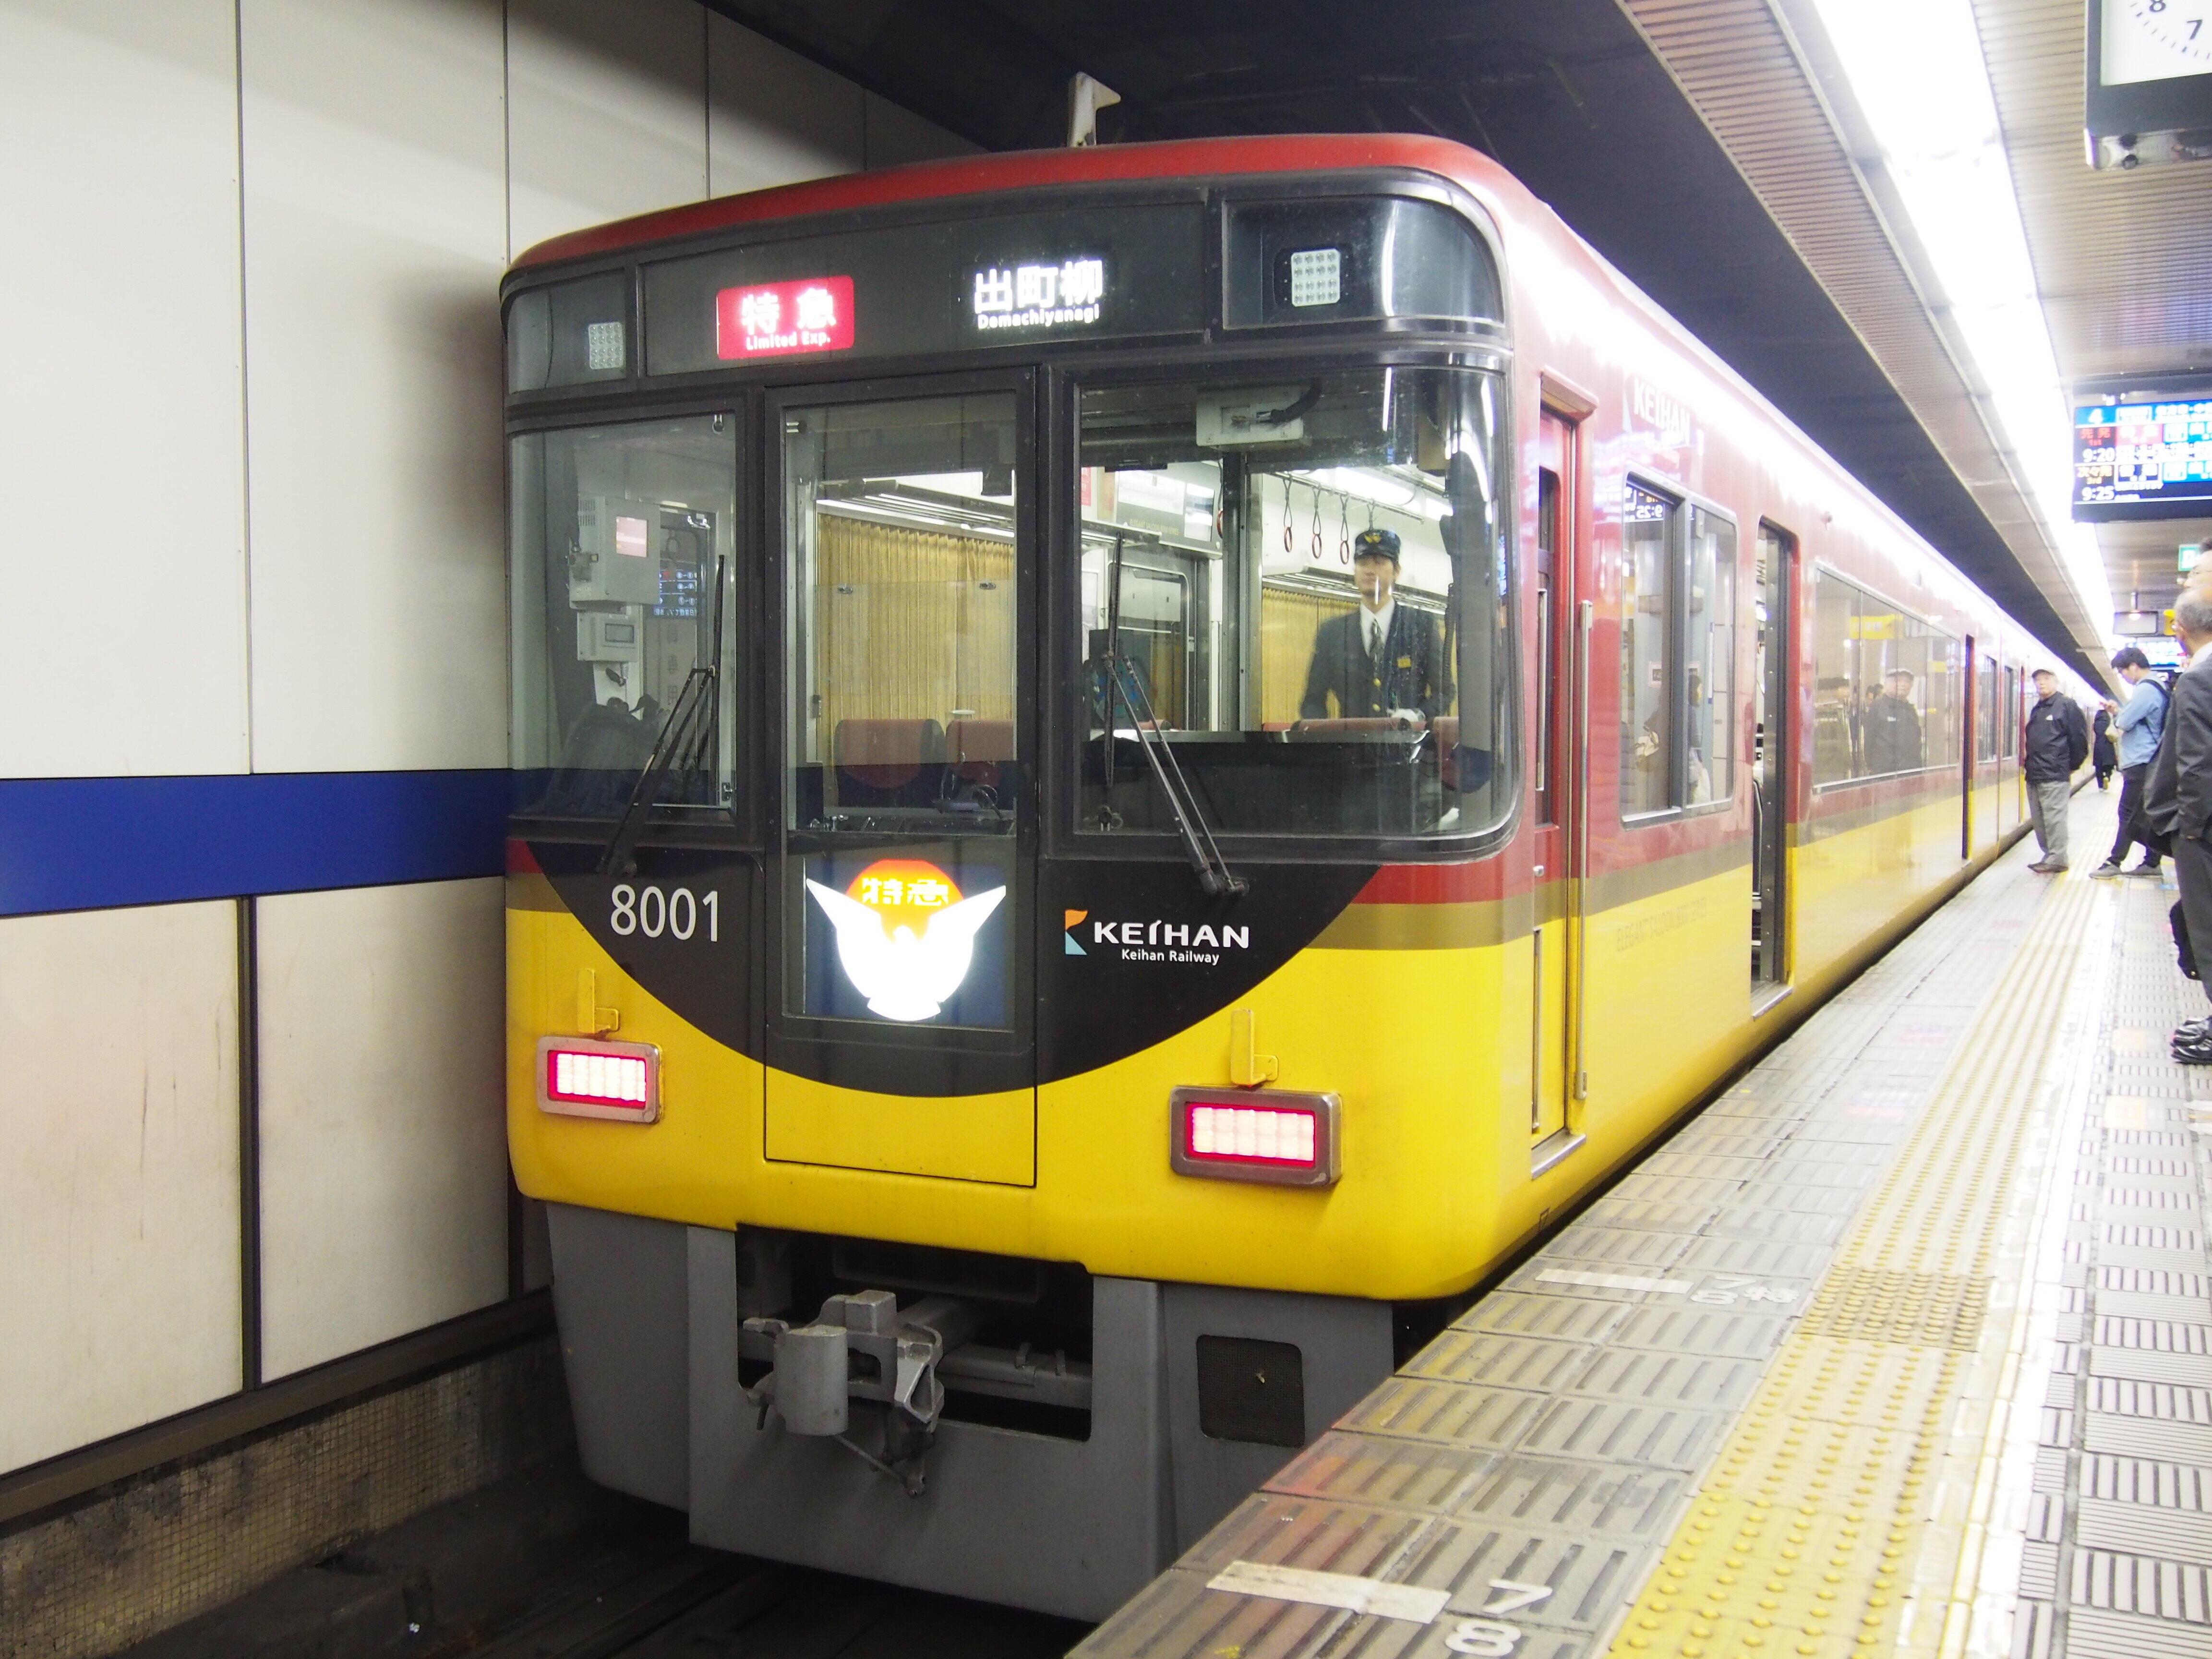 京都と大阪を結ぶ京阪電気鉄道